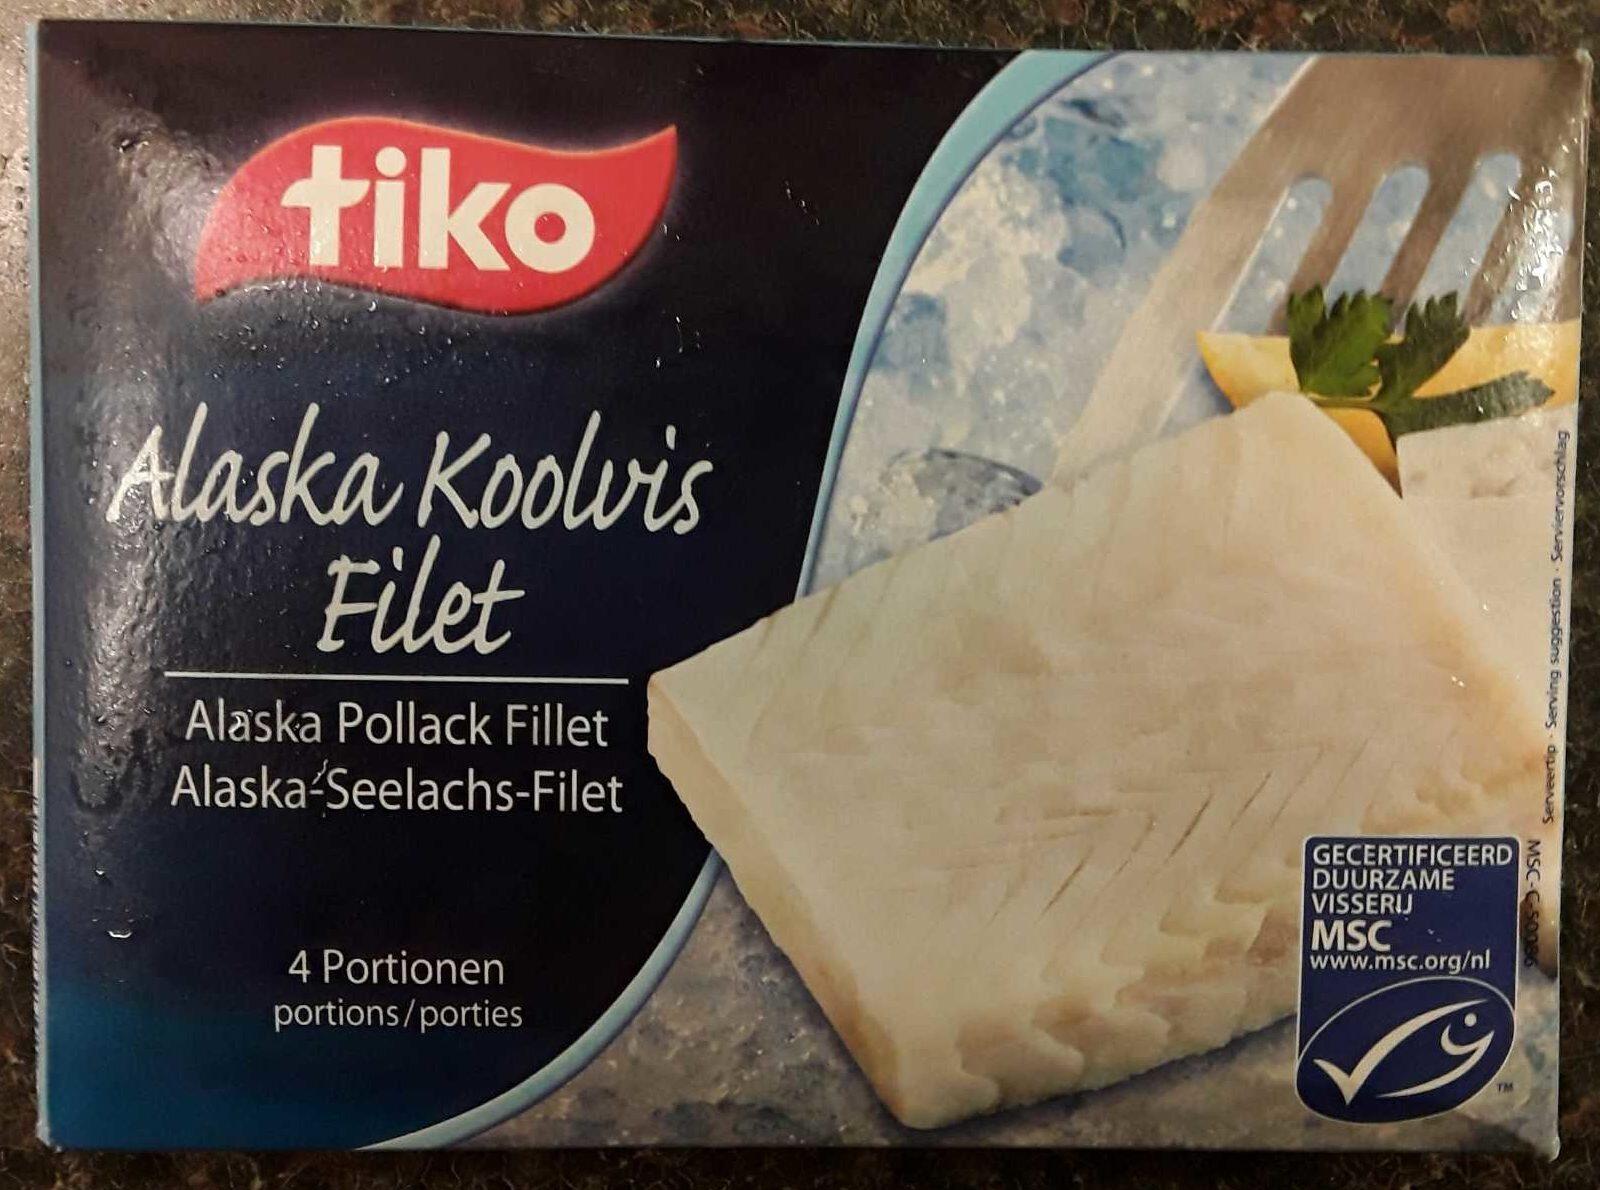 Alaska koolvis filet - Product - nl